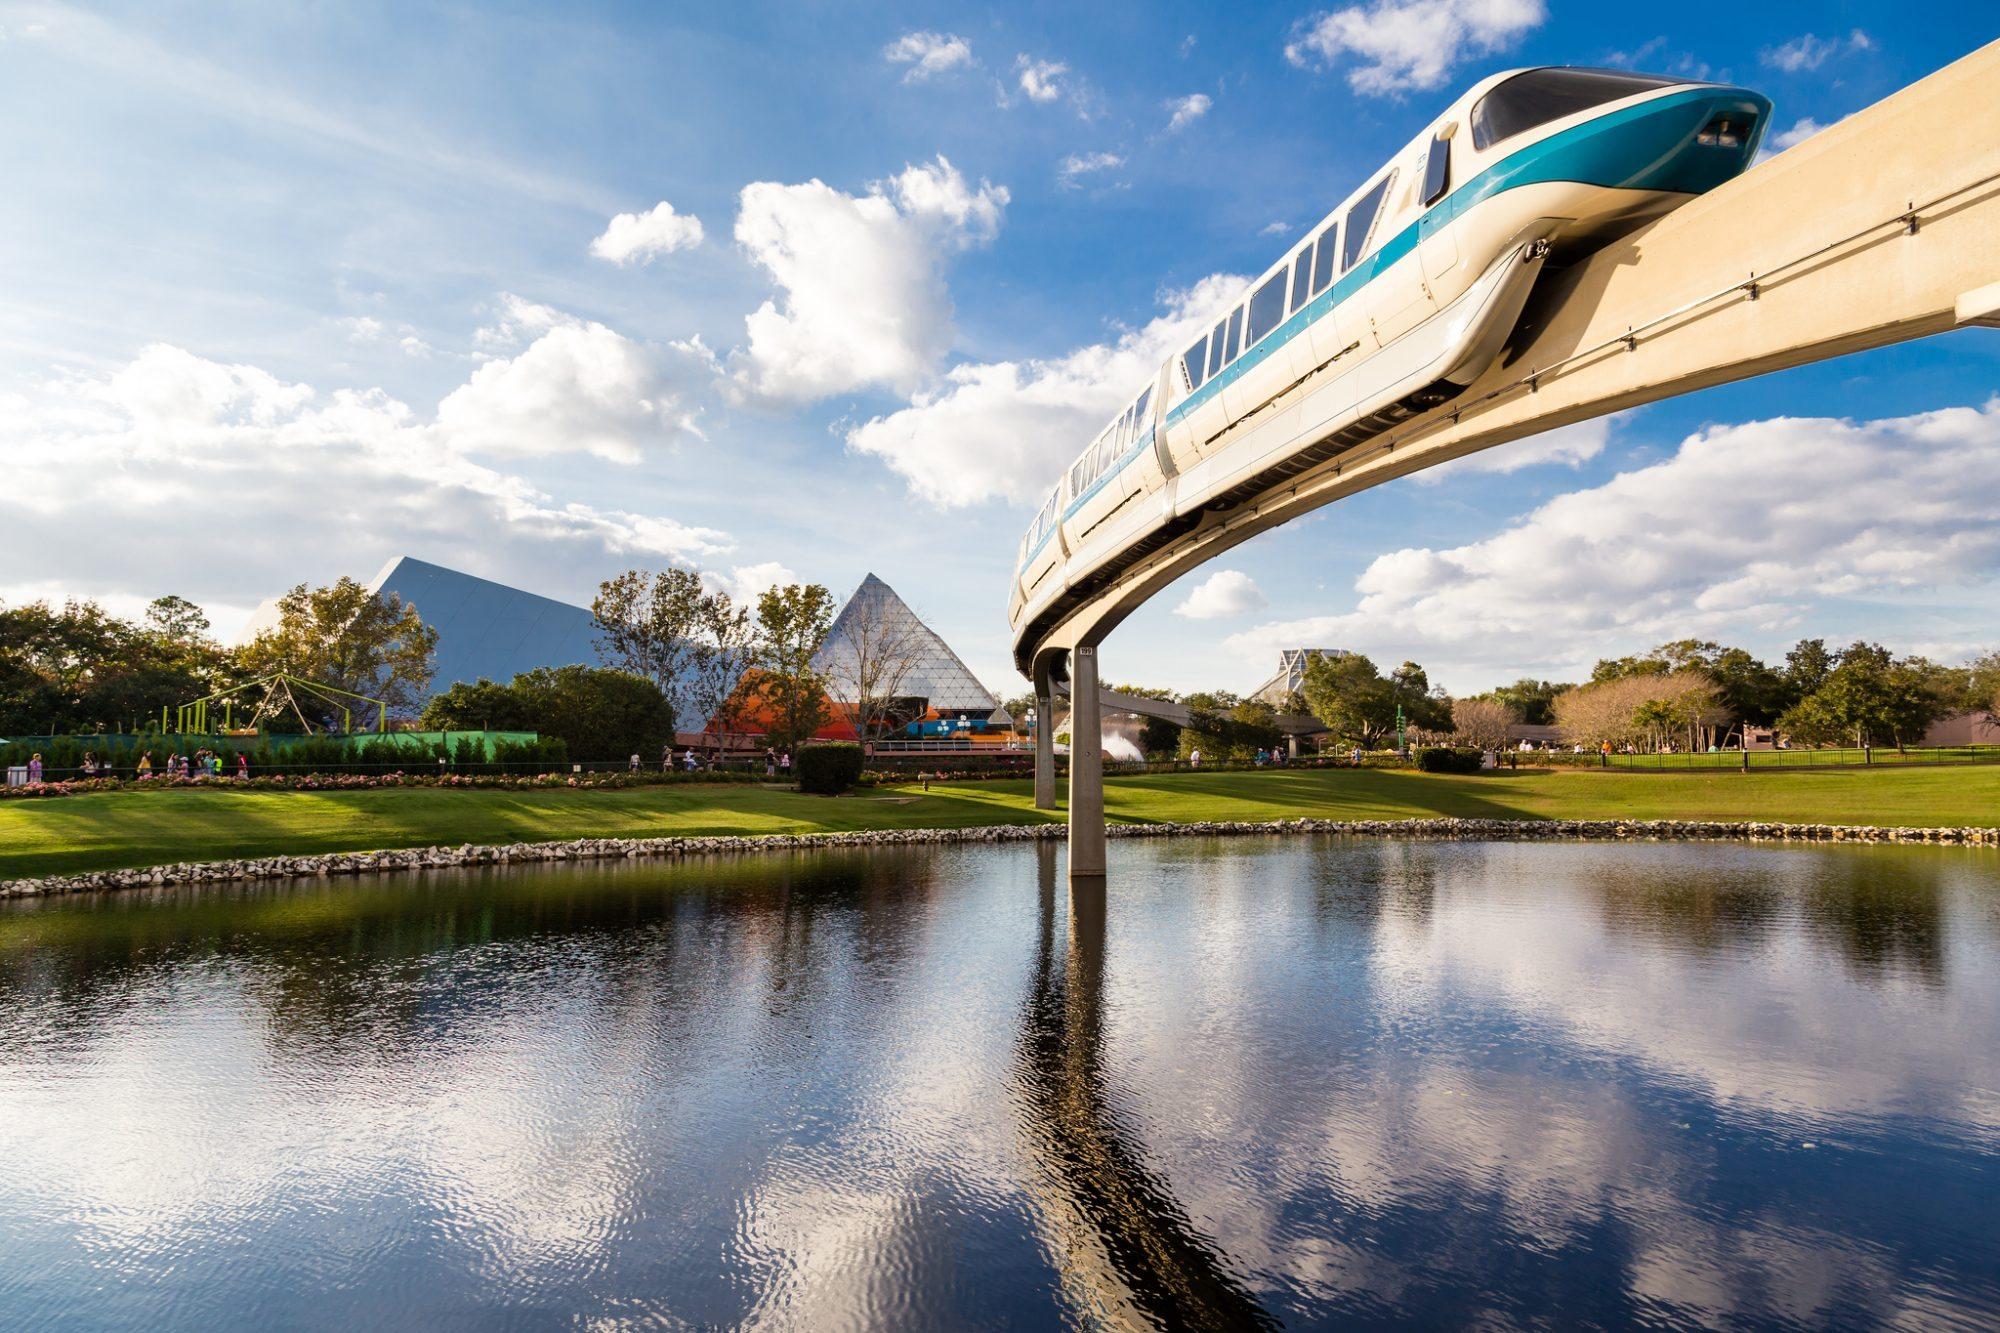 monorail-goes-through-futureland-amelia-gapin